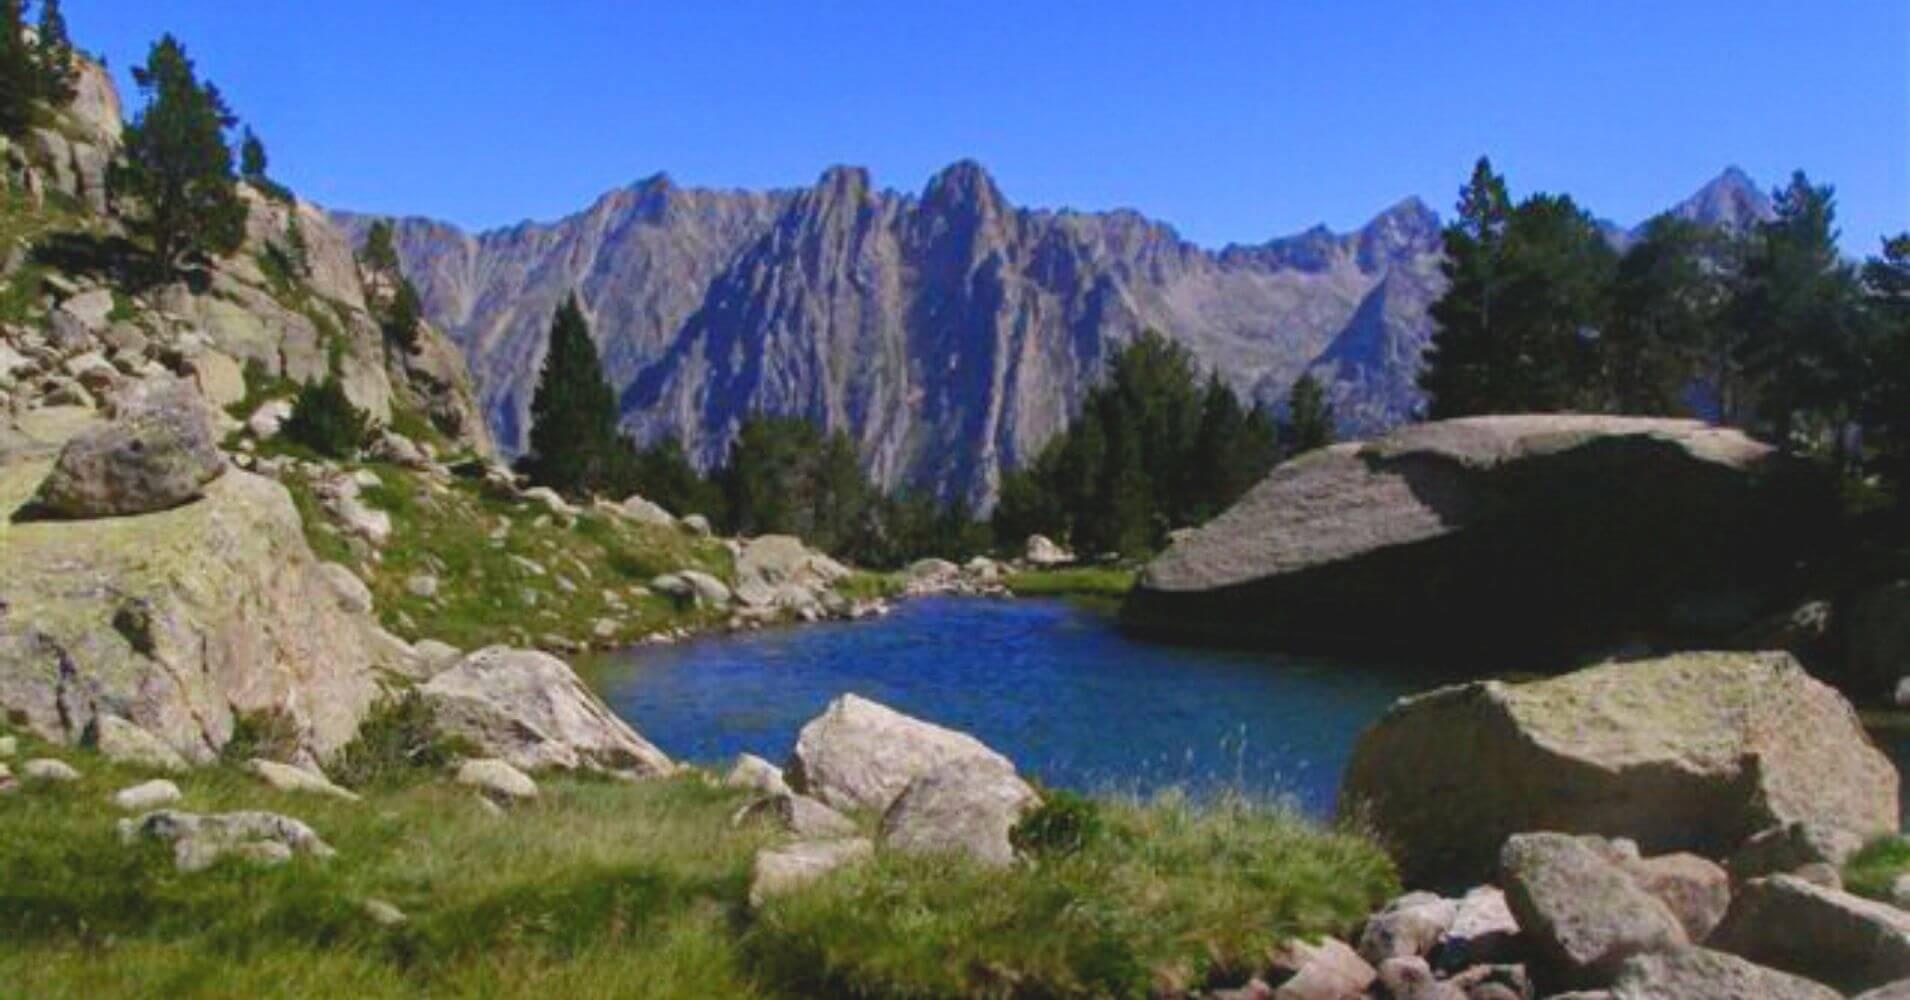 Les Encantats, Parque Nacional de Aigües Tortes y Lago de San Mauricio. Lérida. Cataluña.